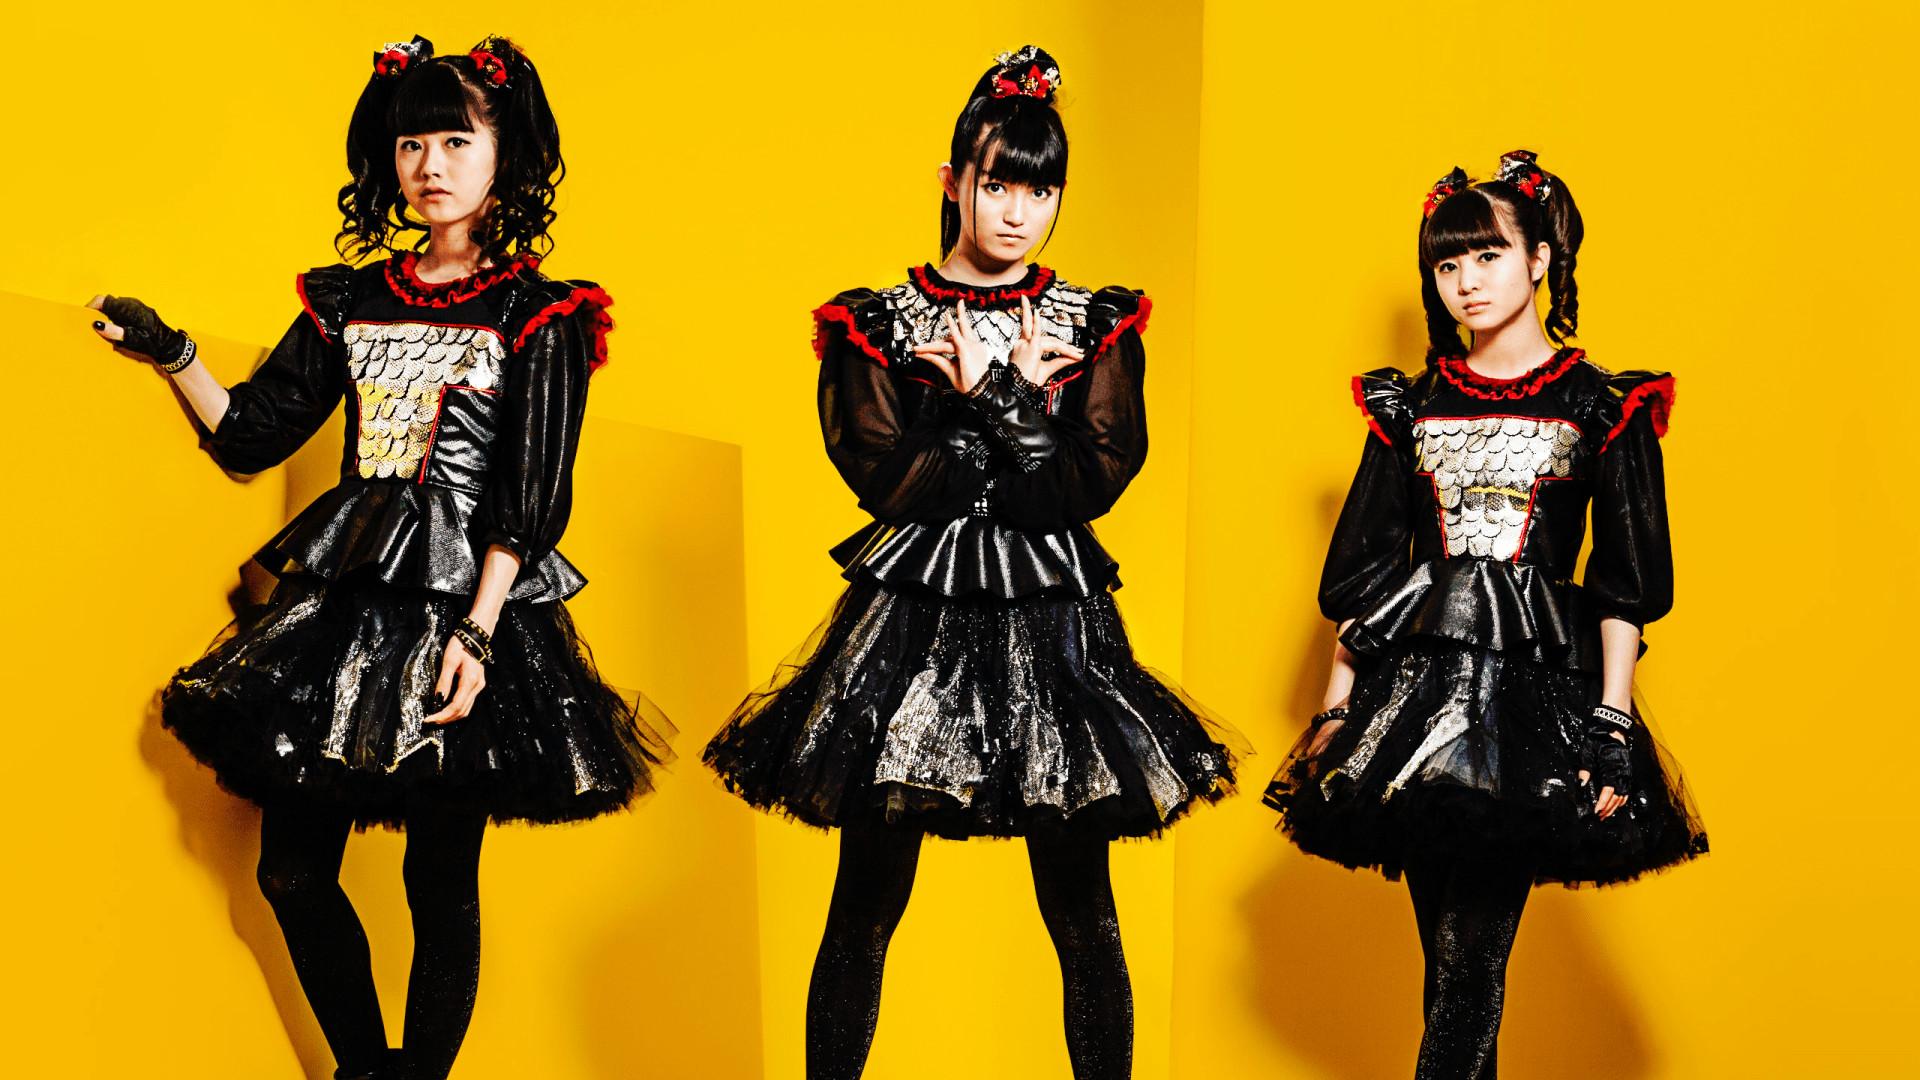 Yui Mizuno Suzuka Nakamoto Moa Kikuchi J-Pop Babymetal 1080p HD Wallpaper  Background